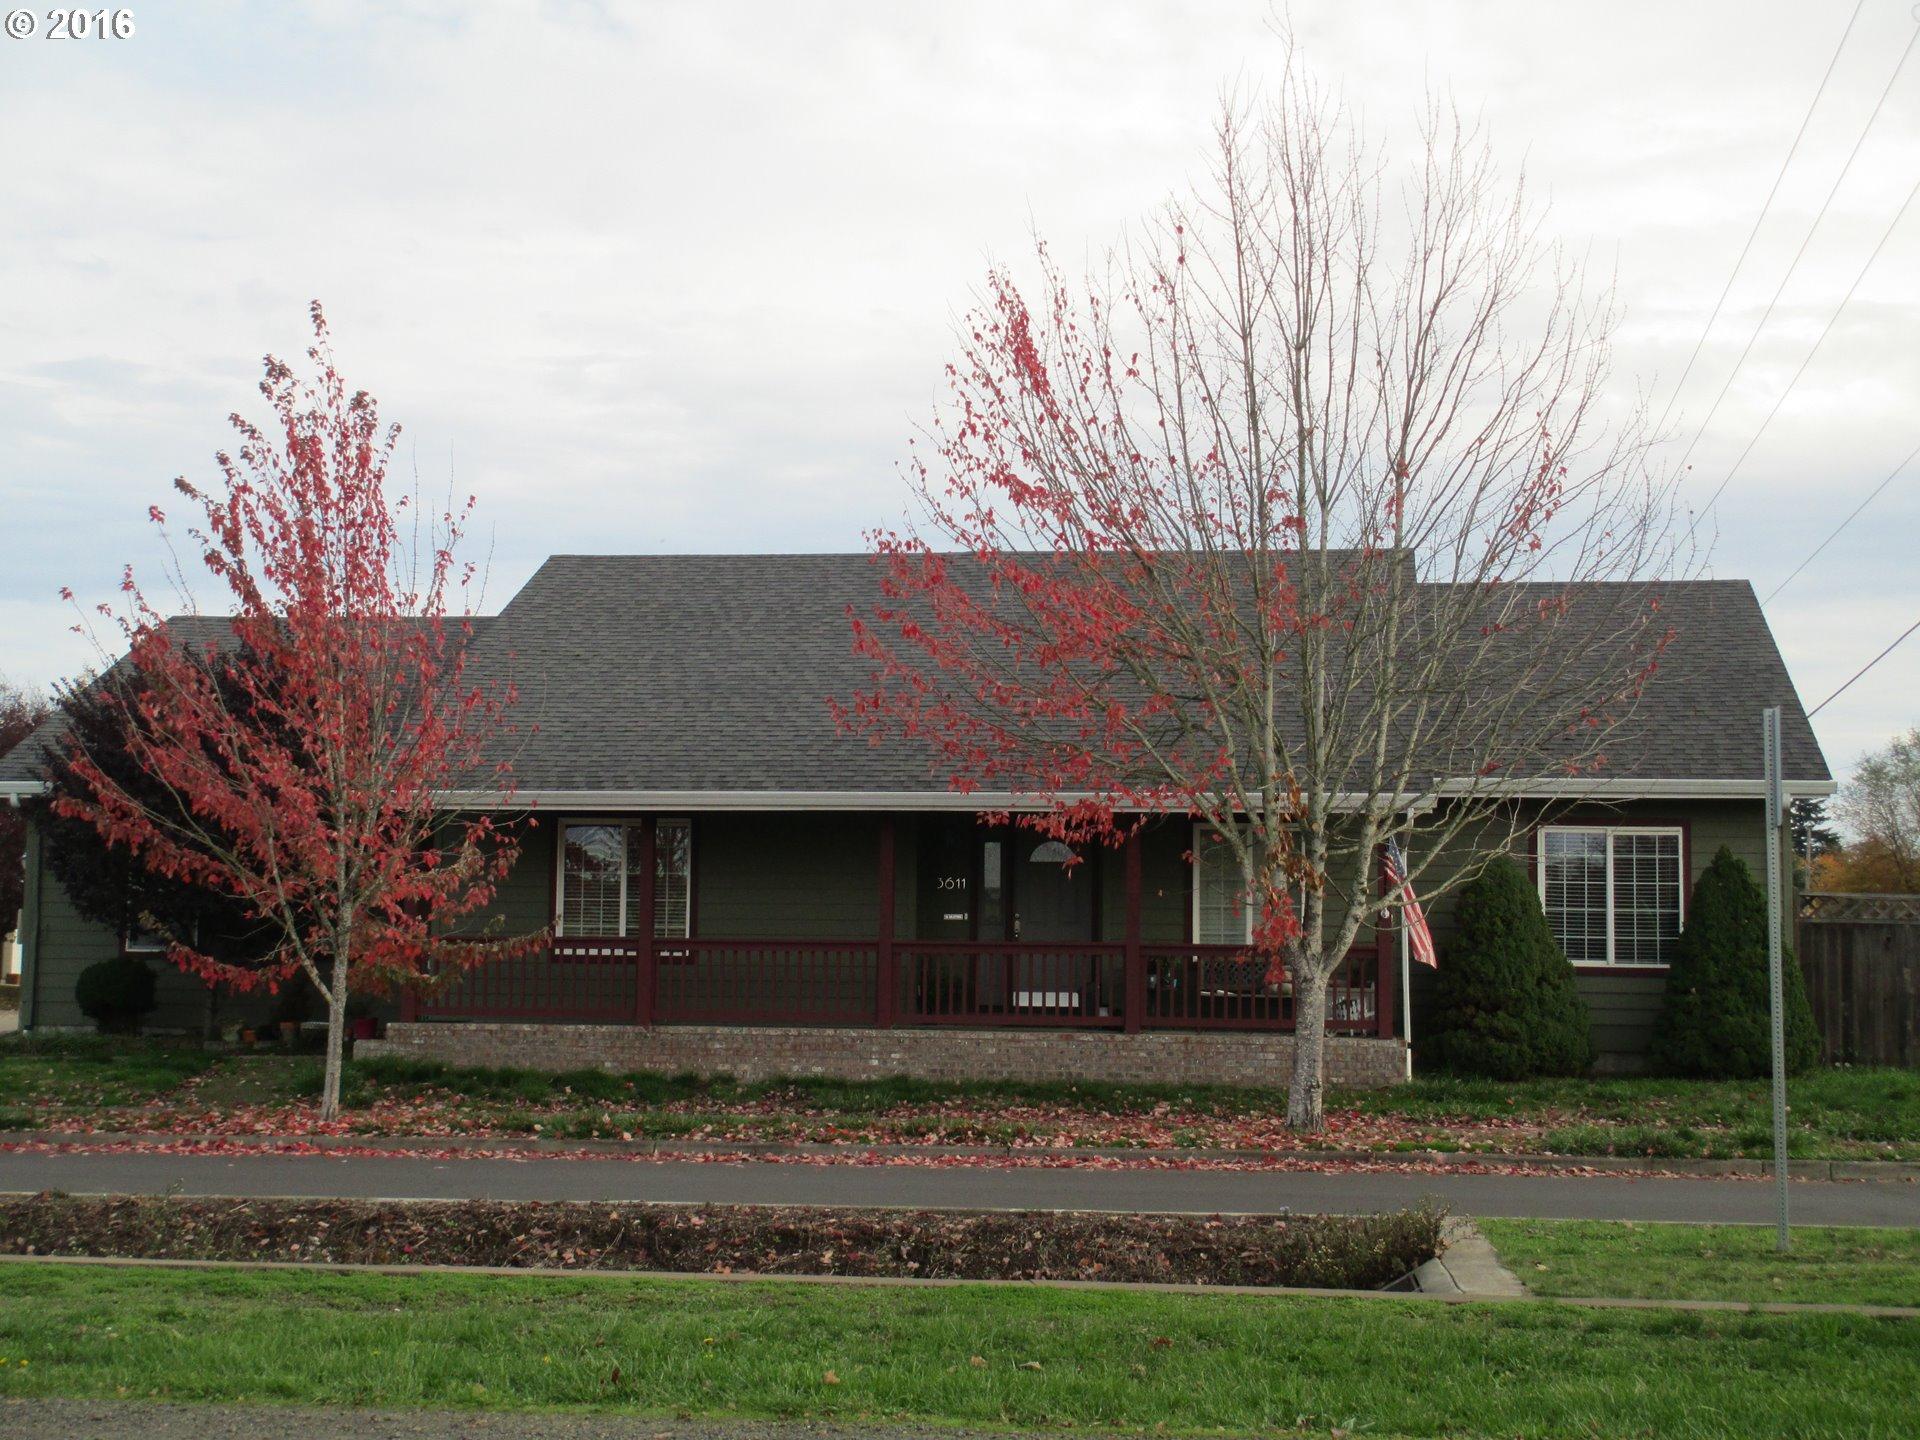 3611 WILLOWBROOK ST, Eugene OR 97404